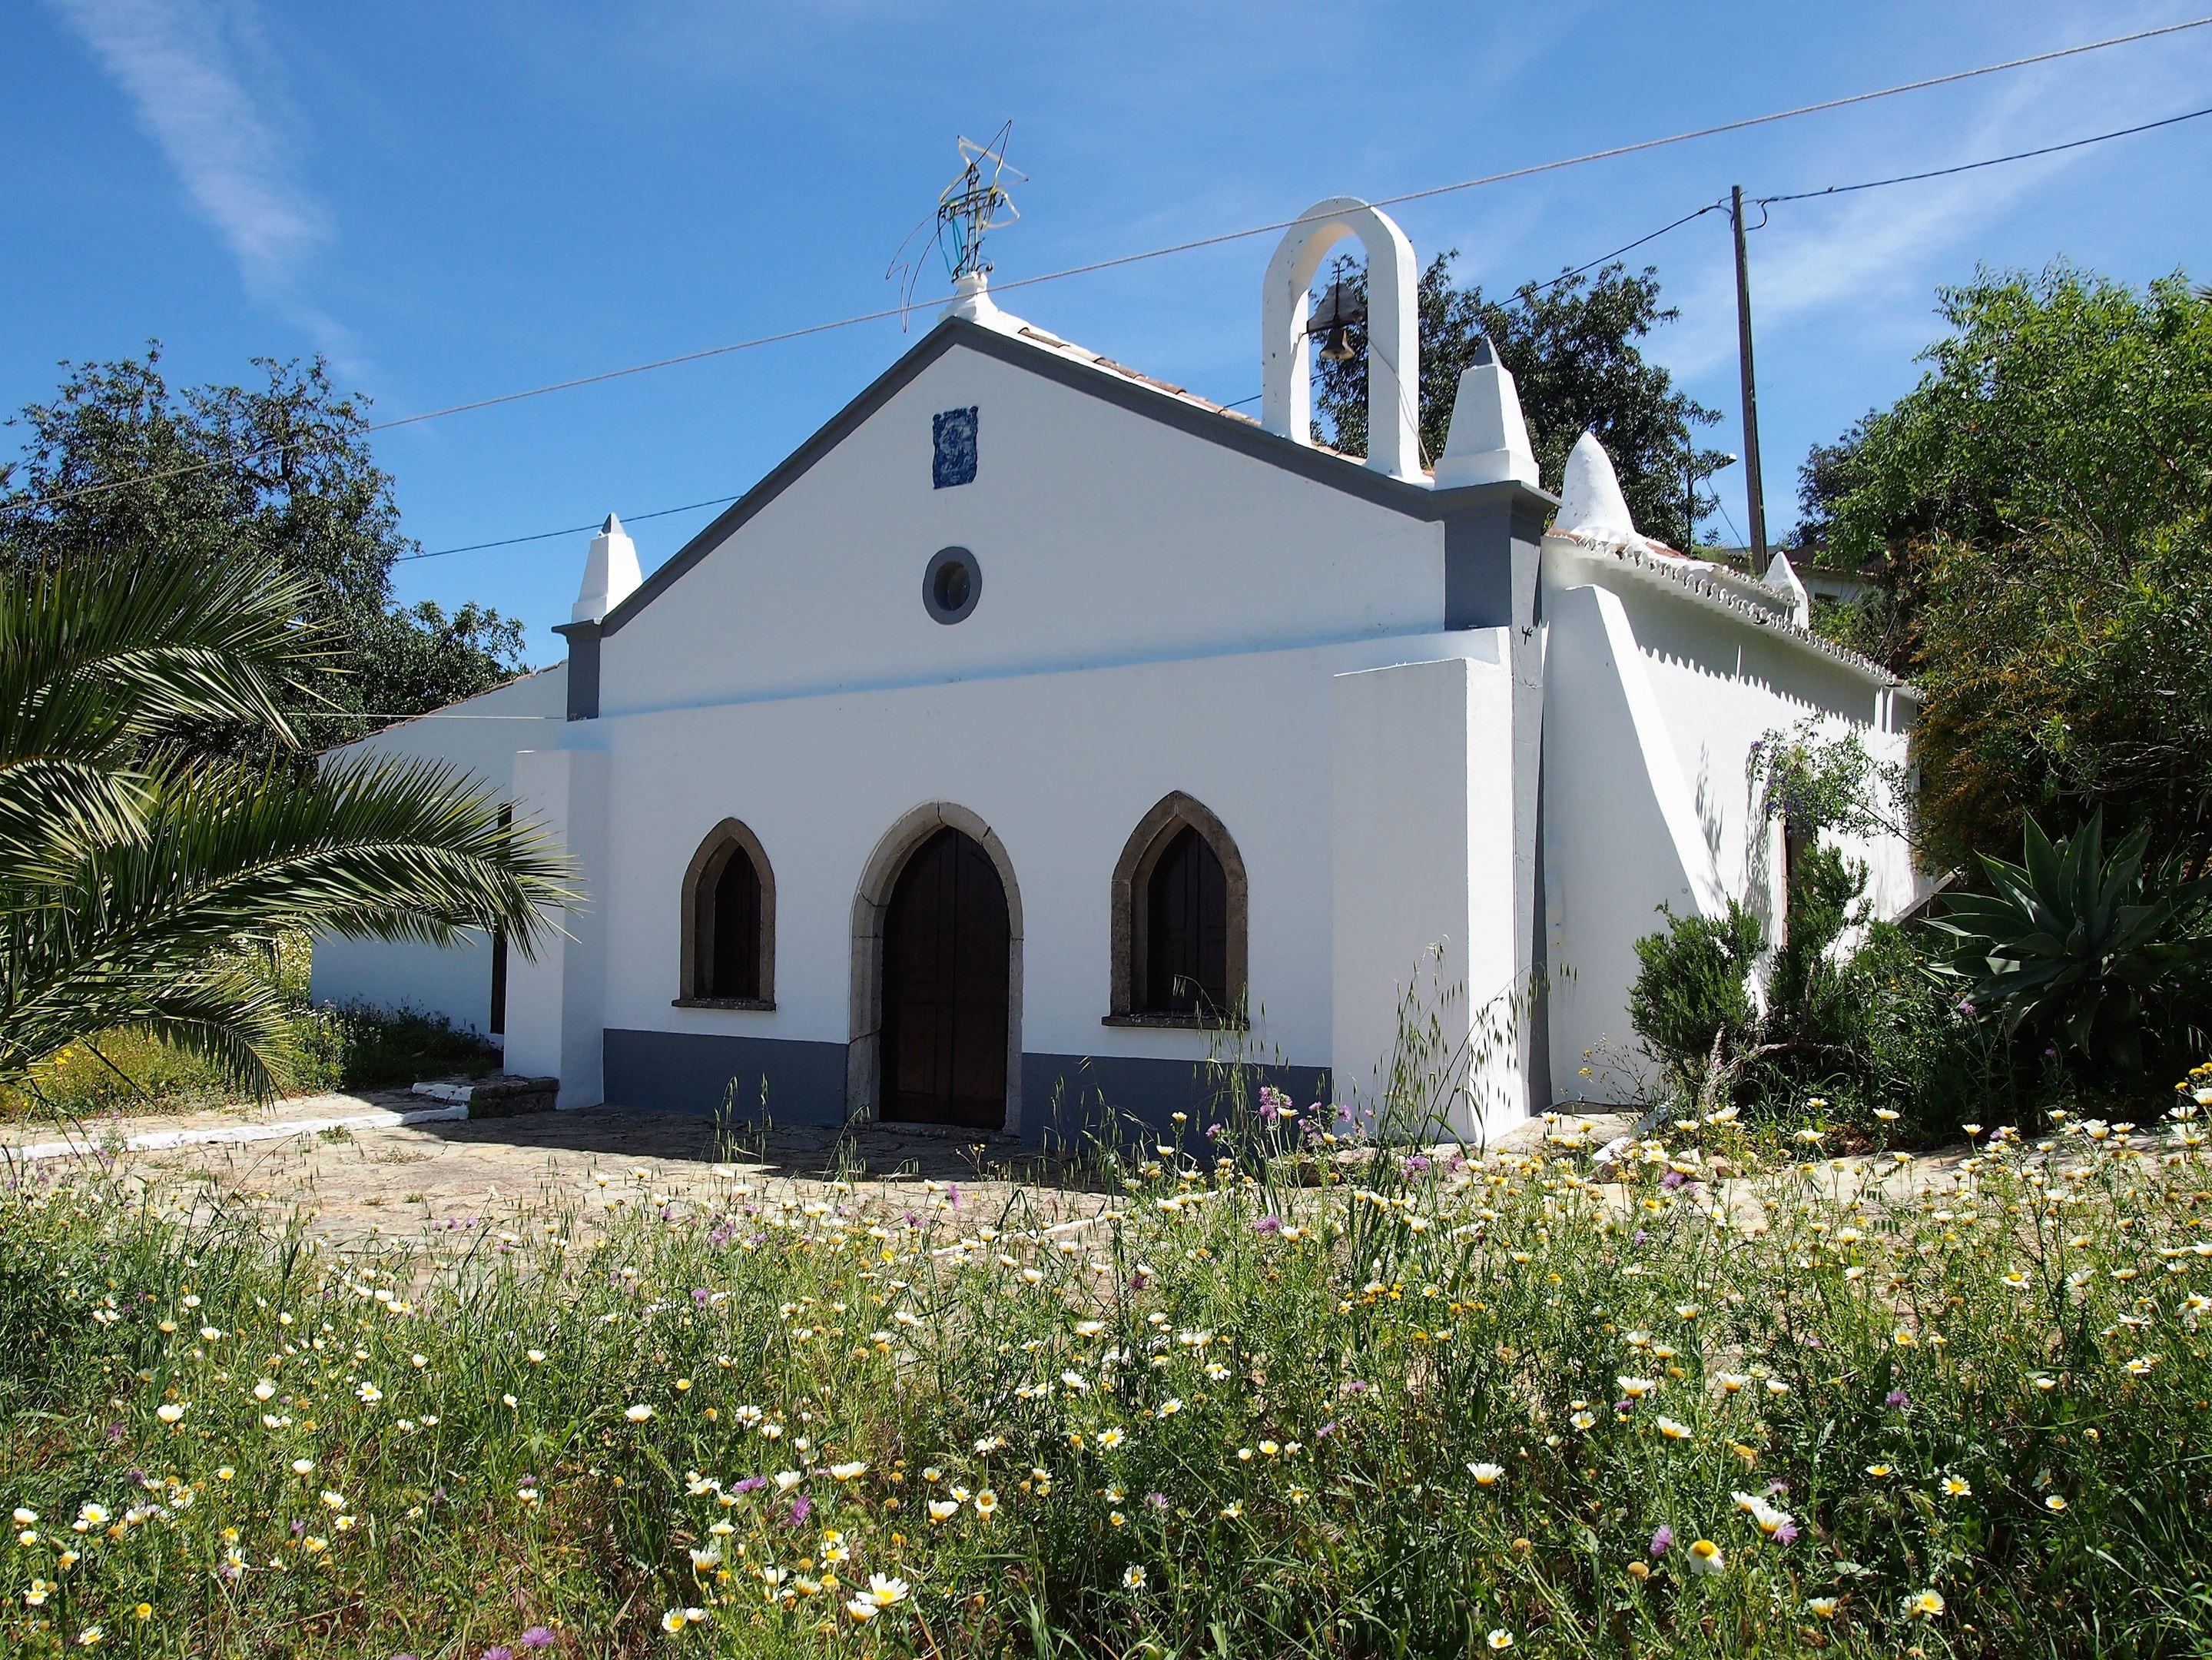 Casi en la cima del Cerro de São Miguel, se encuentra un pequeño pueblo con esta iglesia, la Igreja de San Miguel, cerca de Olhão.